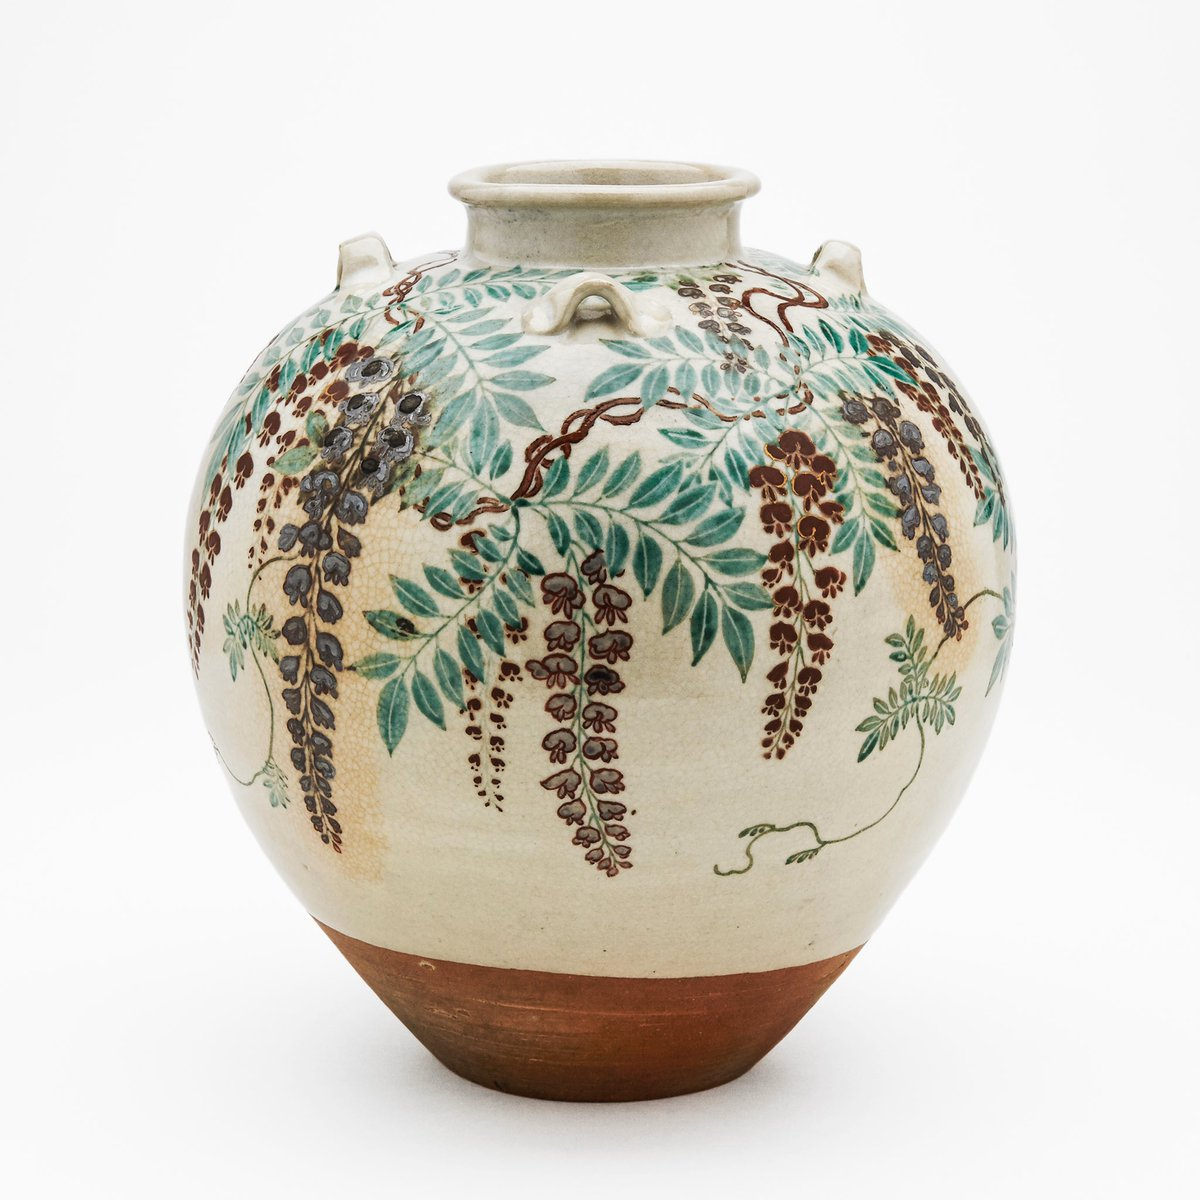 test ツイッターメディア - この動画で使用しているのはMOA美術館所蔵の国宝 色絵藤花文茶壺のレプリカです。 ただいま開催中の仁清展にてご覧いただけます。 https://t.co/czdZybvUU3 https://t.co/ZBuMuSorYe